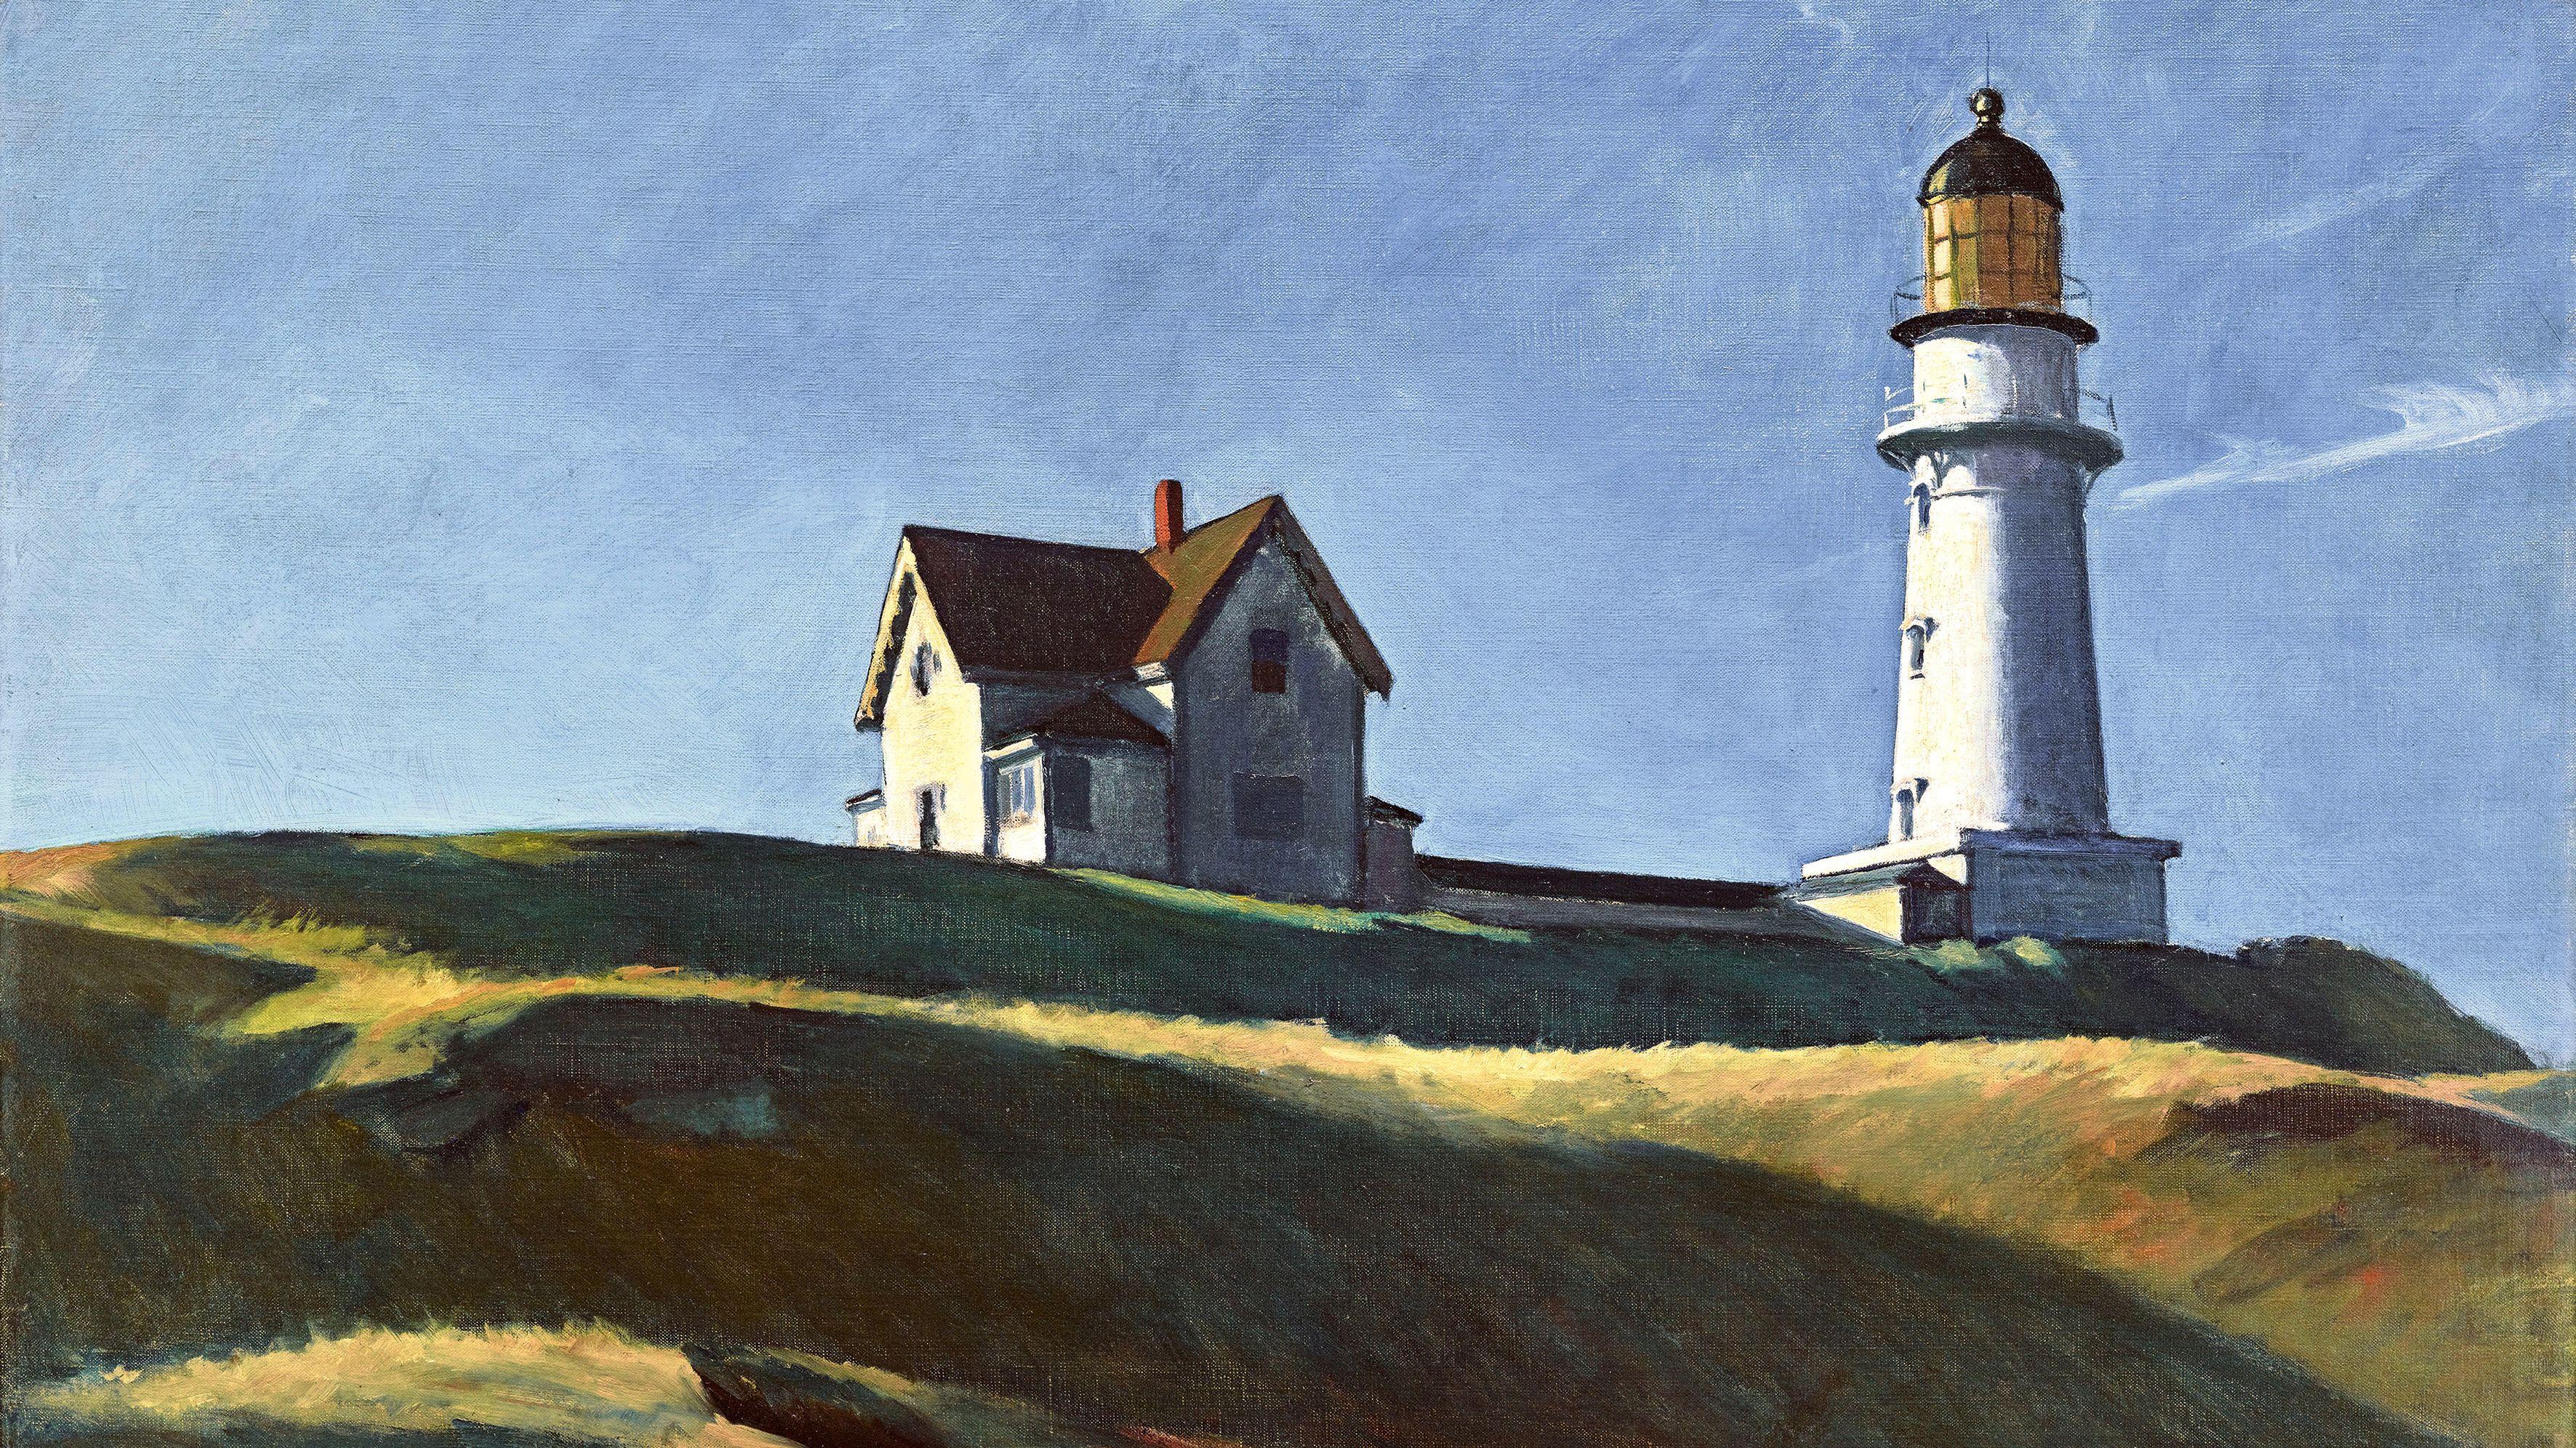 """""""Lighthouse Hill"""": Gemälde von Edward Hopper (1927): Blick von unten auf einen Hügel mit Haus und Leuchtturm"""